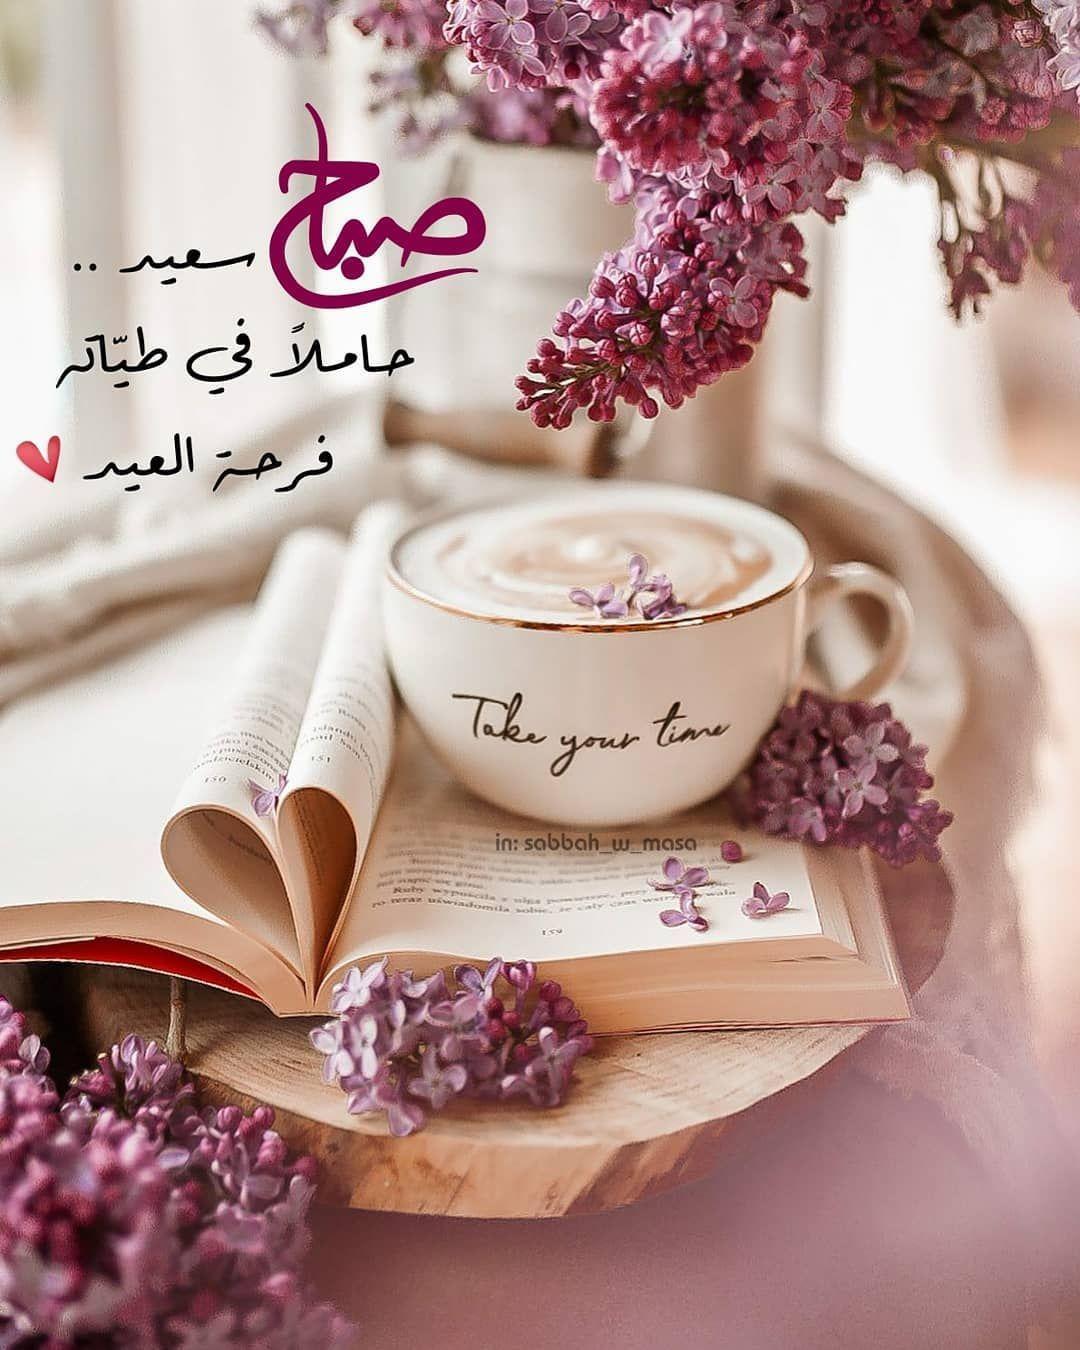 صبح و مساء On Instagram صباح الخيرات والمسرات صباح الورد صباحيات صبح صباح صباحو Good Morning Arabic Coffee Love Good Morning